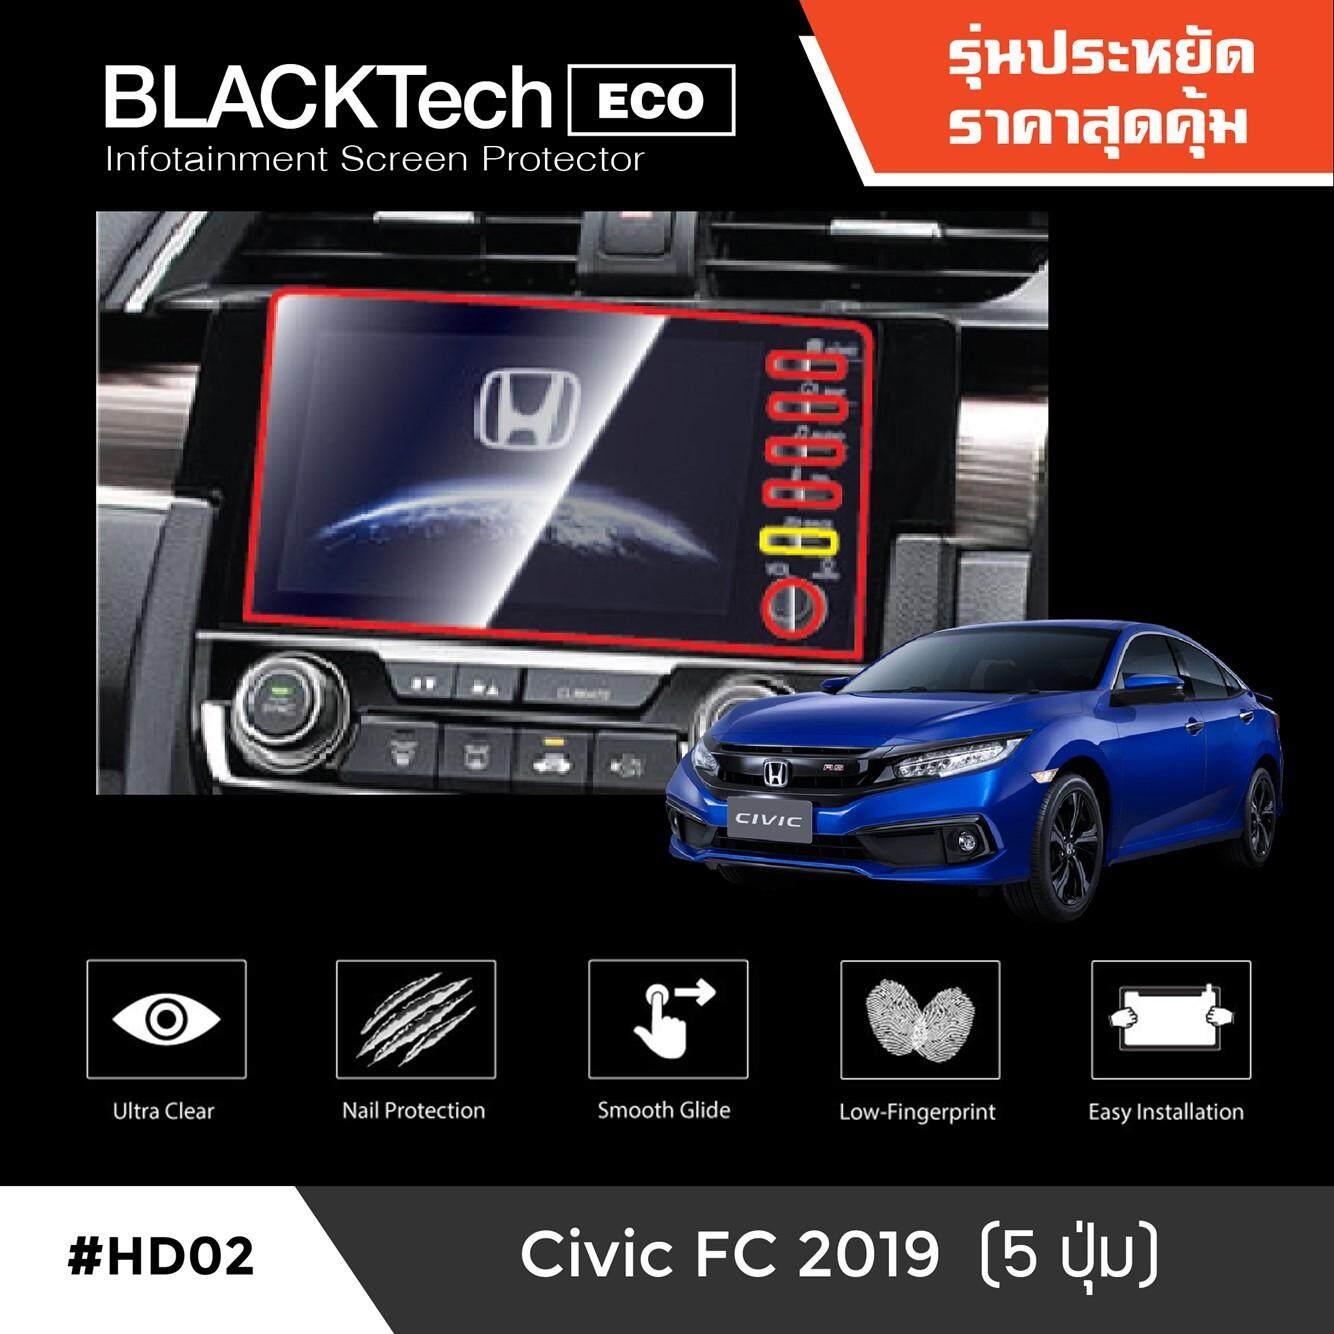 ฟิล์มกันรอยหน้าจอรถยนต์ Honda Civic Fc 2019 (5 ปุ่ม) จอขนาด 9 นิ้ว - Blacktech (eco) By Arctic.